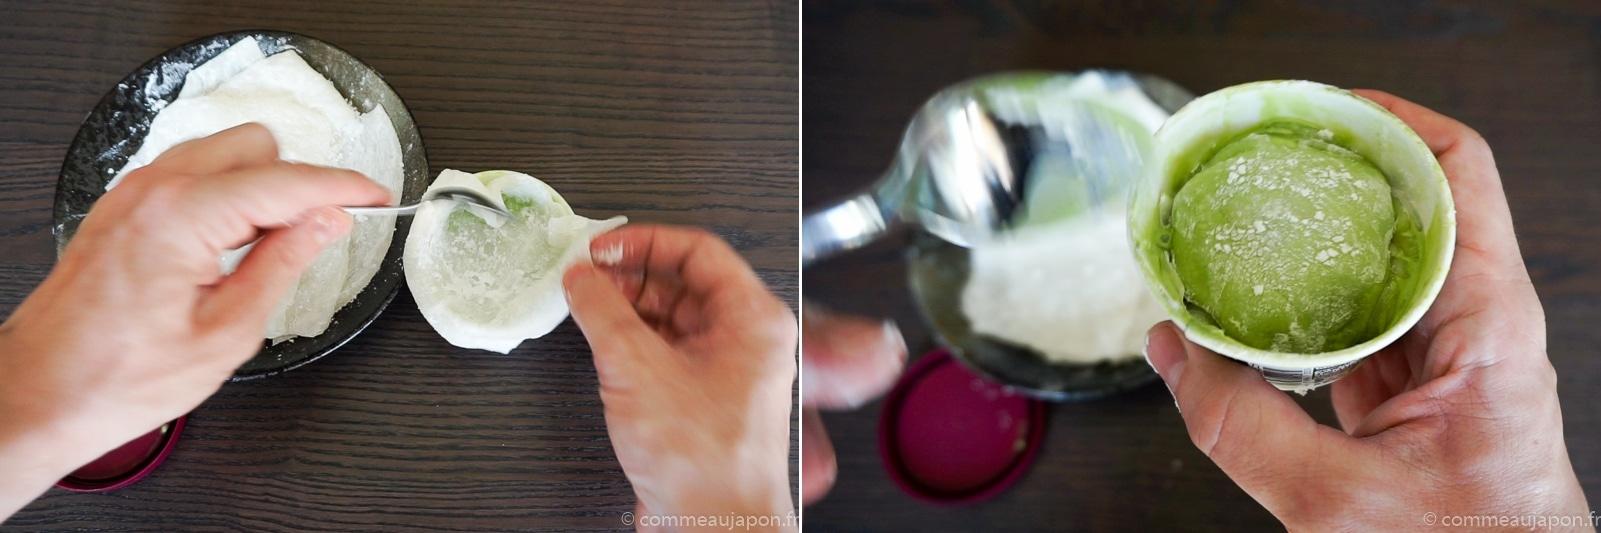 mochi glace cup 1 Mochi glacé - Boules de glace et mochi !